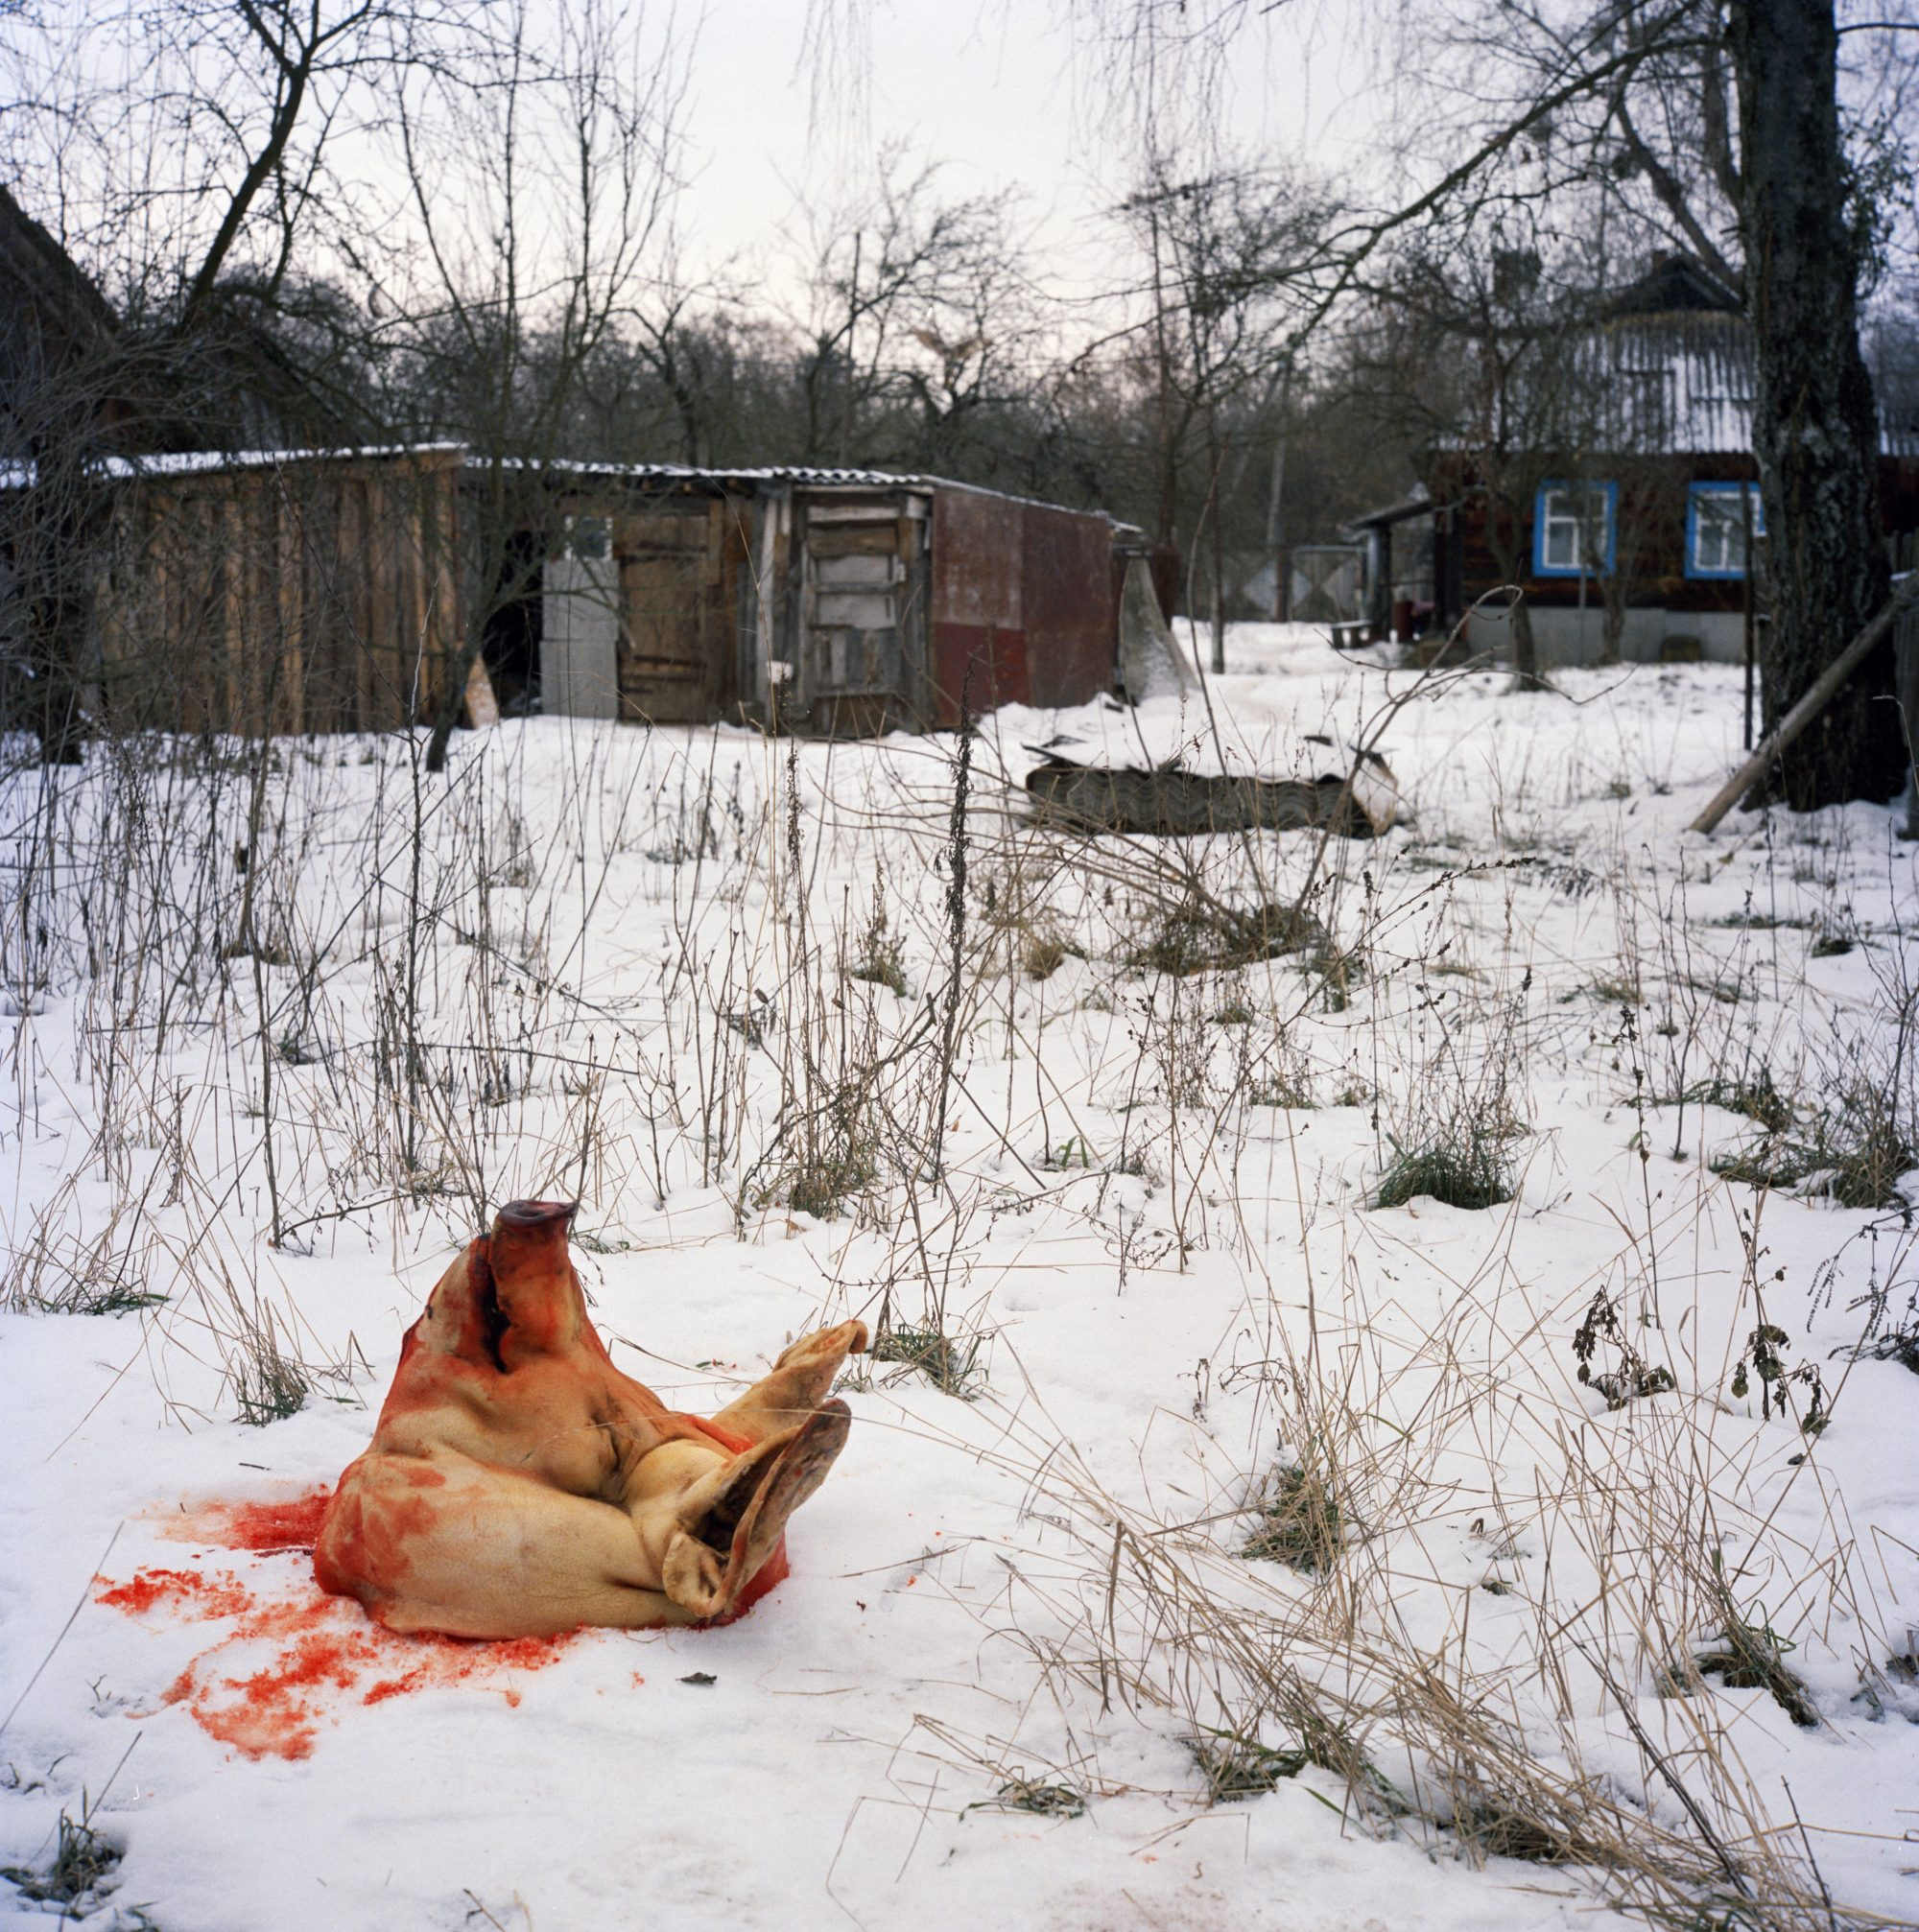 Pig's head © Rena Effendi/Prince Claus Fund/INSTITUTE